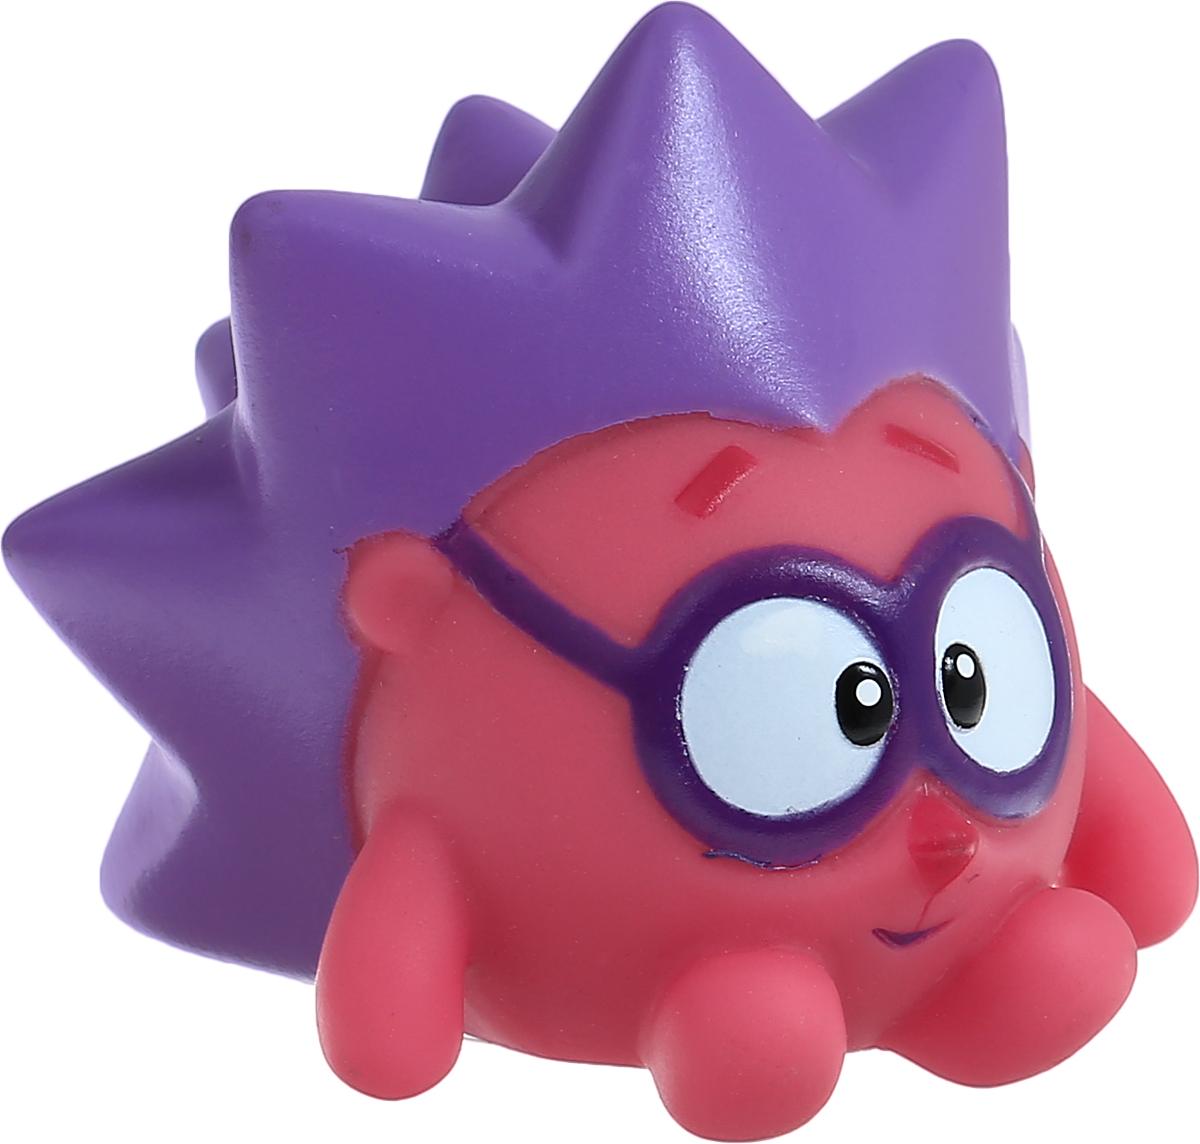 Смешарики Игрушка для ванной Ёжик1170129_ёжикИгрушка для ванной Смешарики Ежик превратит купание вашего малыша в интересную и веселую игру. Герой любимого мультфильма выполнен из высококачественного безопасного материала. С такой игрушкой вы вместе с вашим ребенком сможете придумать бессчетное количество веселых игр и историй. Ежик умеет произносить 5 фраз из мультфильма! Игрушка способствует развитию внимательности, мелкой моторики рук, воображения, зрительного восприятия.